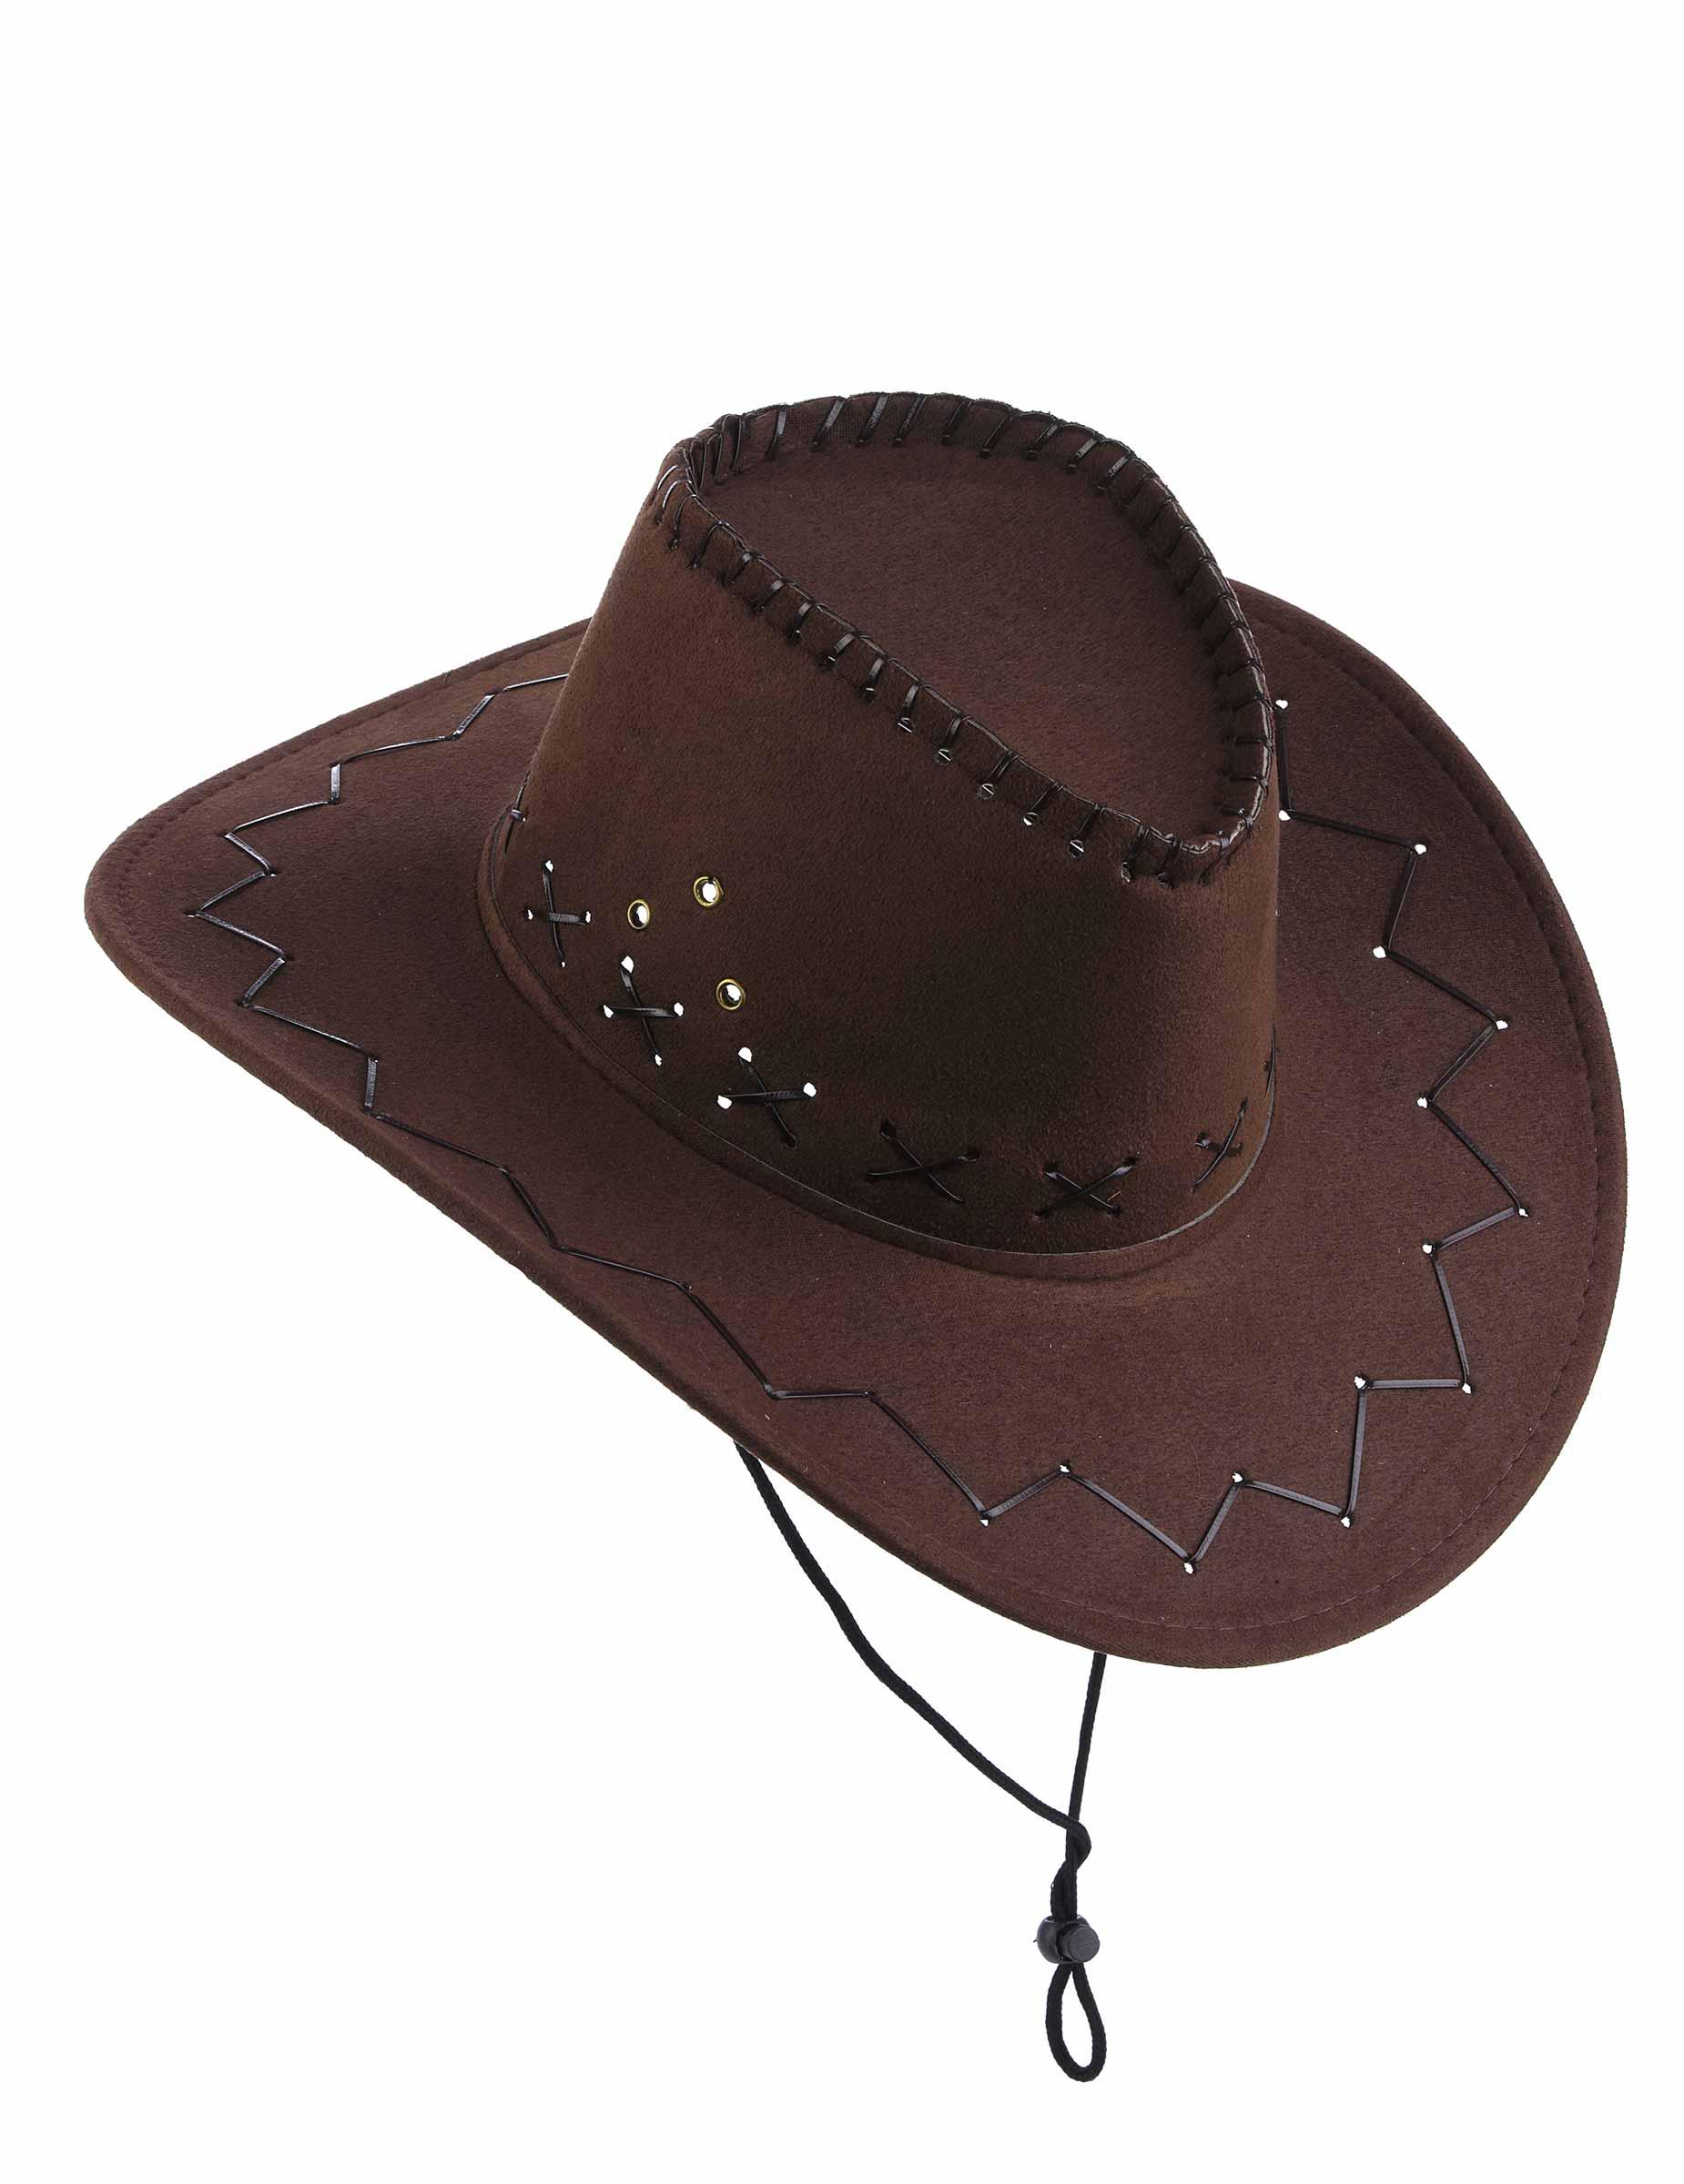 Cappello da cowboy marrone per adulto 6305249be1b7